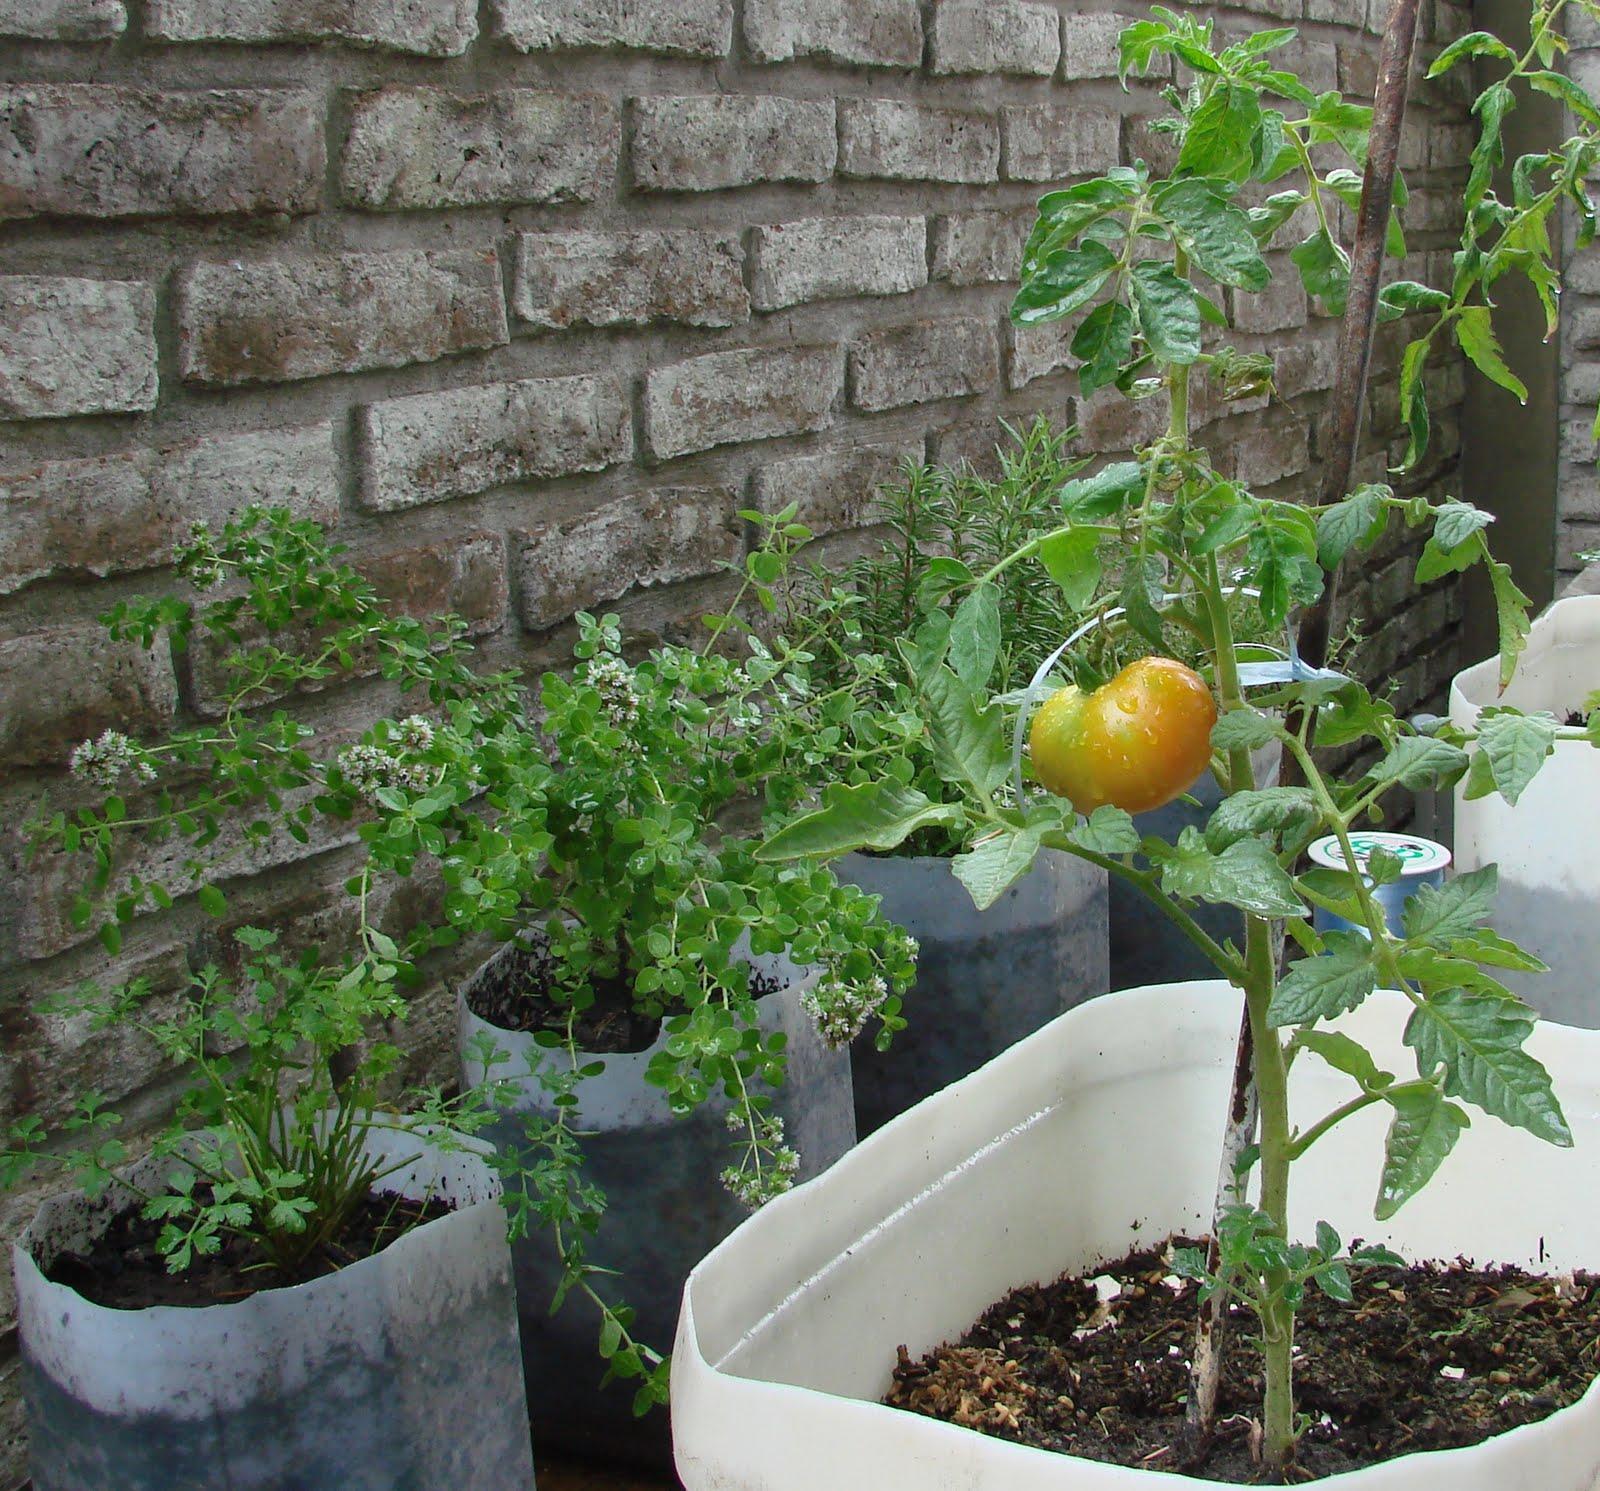 mi propio para so huerta organica en macetas ForHuerta De Aromaticas En Macetas